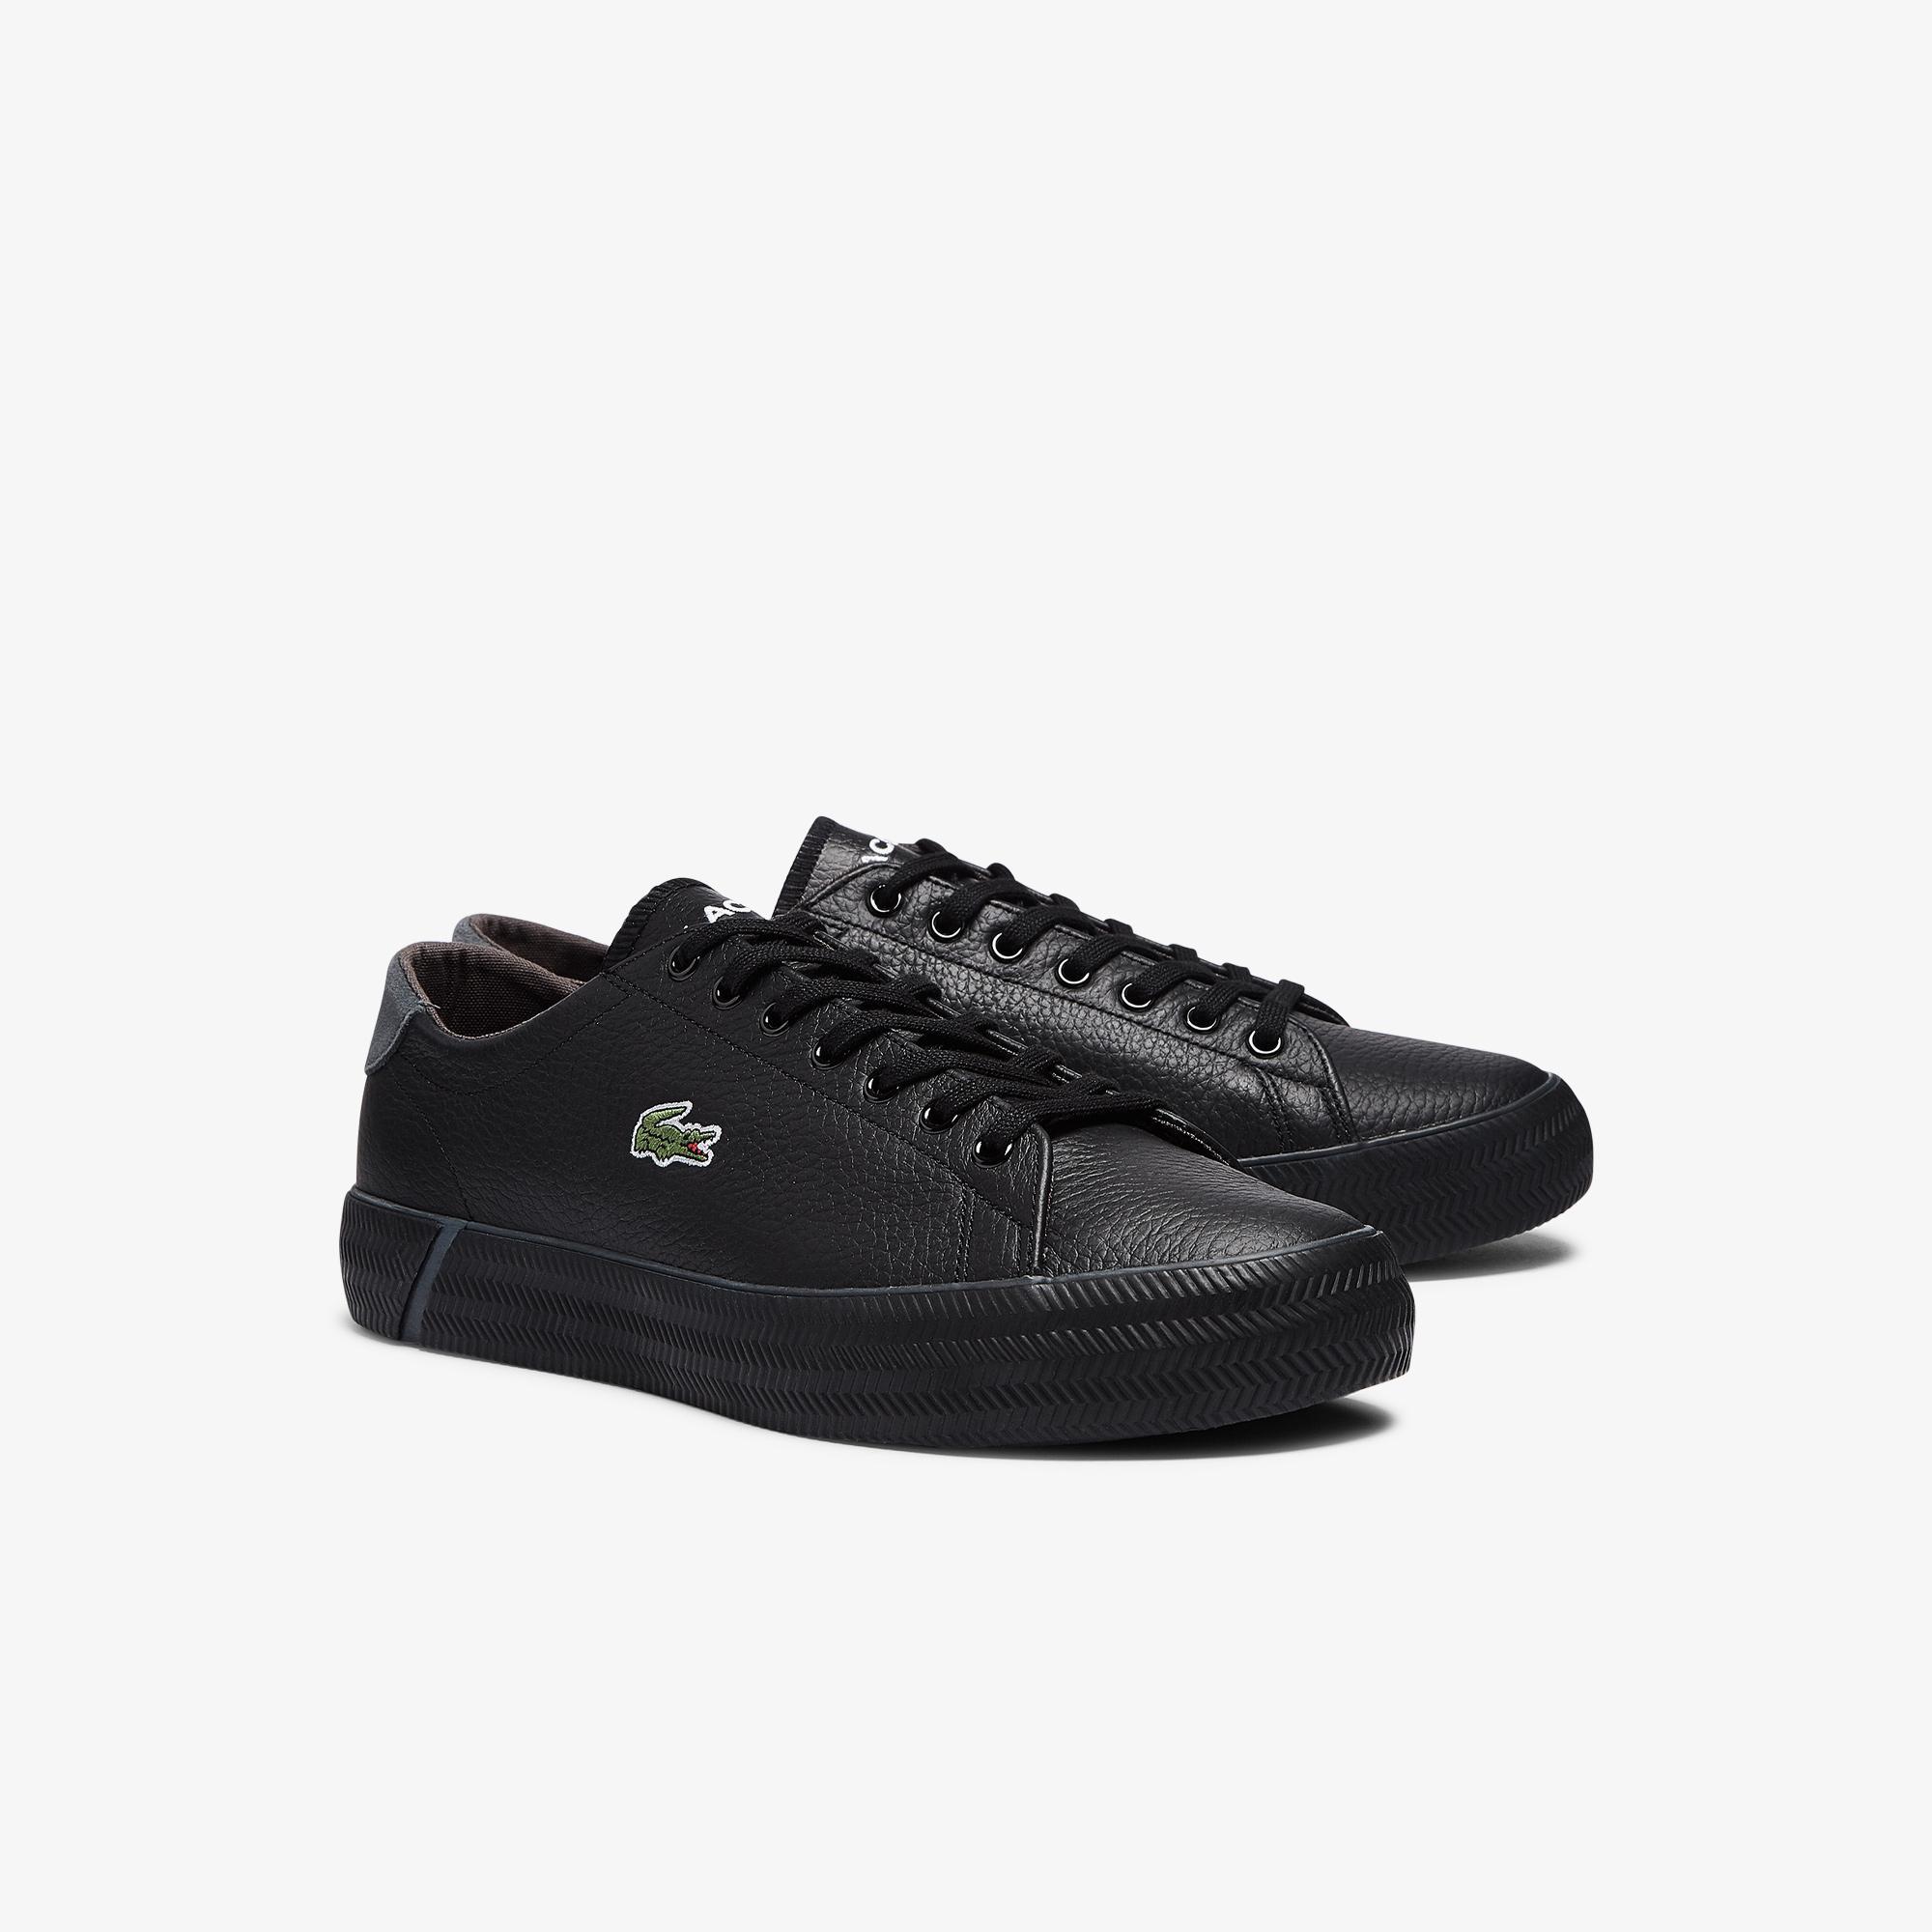 Lacoste Men's Grıpshot 0721 3 Cma Shoes